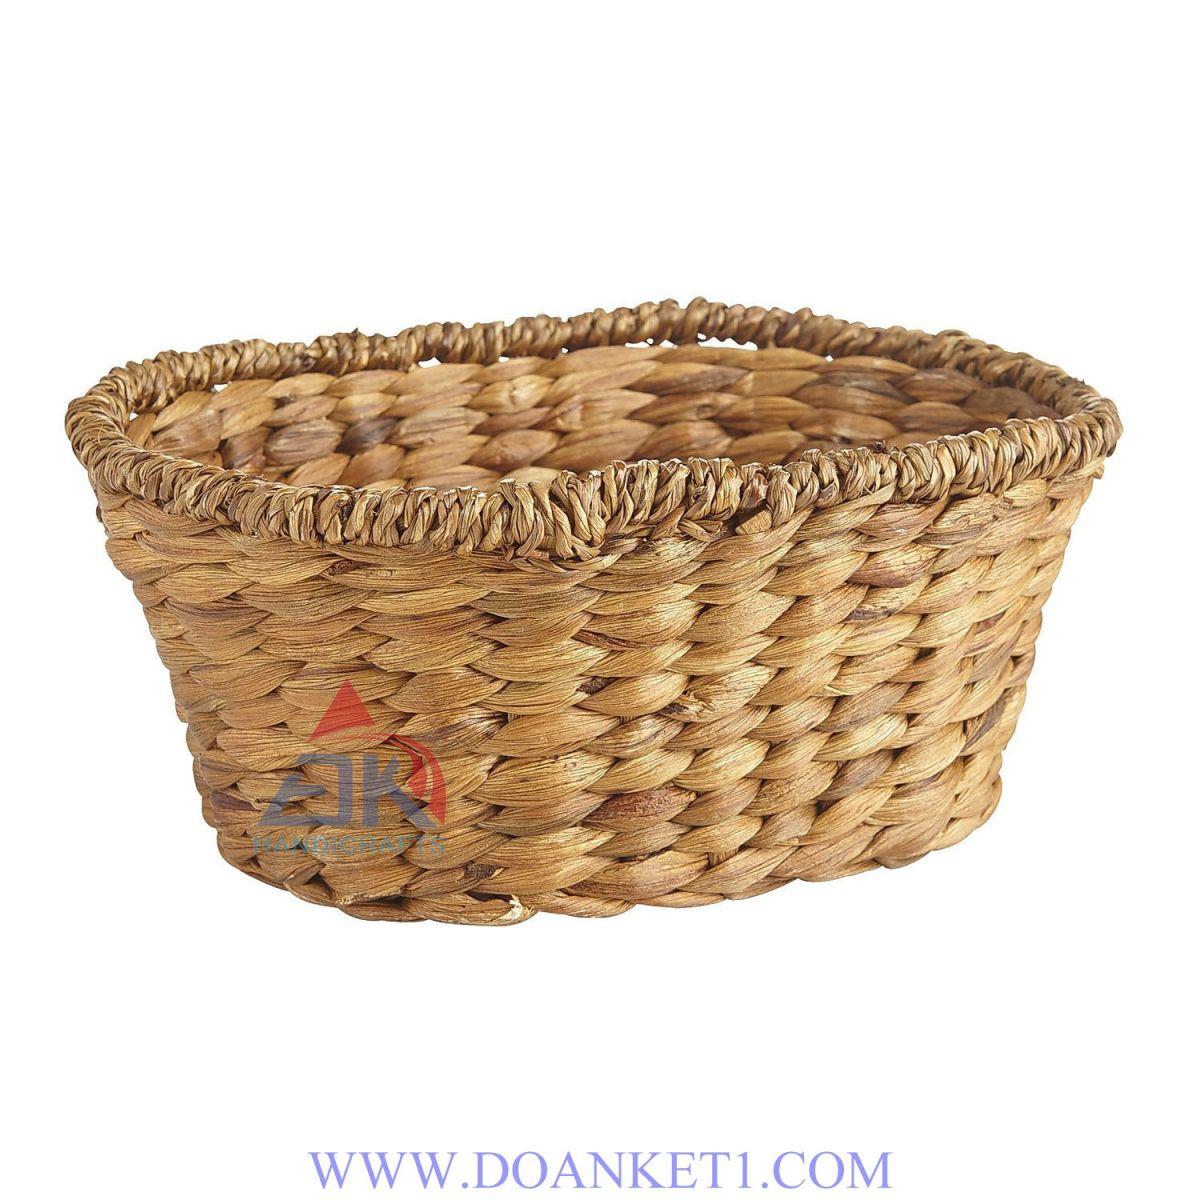 Water Hyacinth Storage Basket # DK287